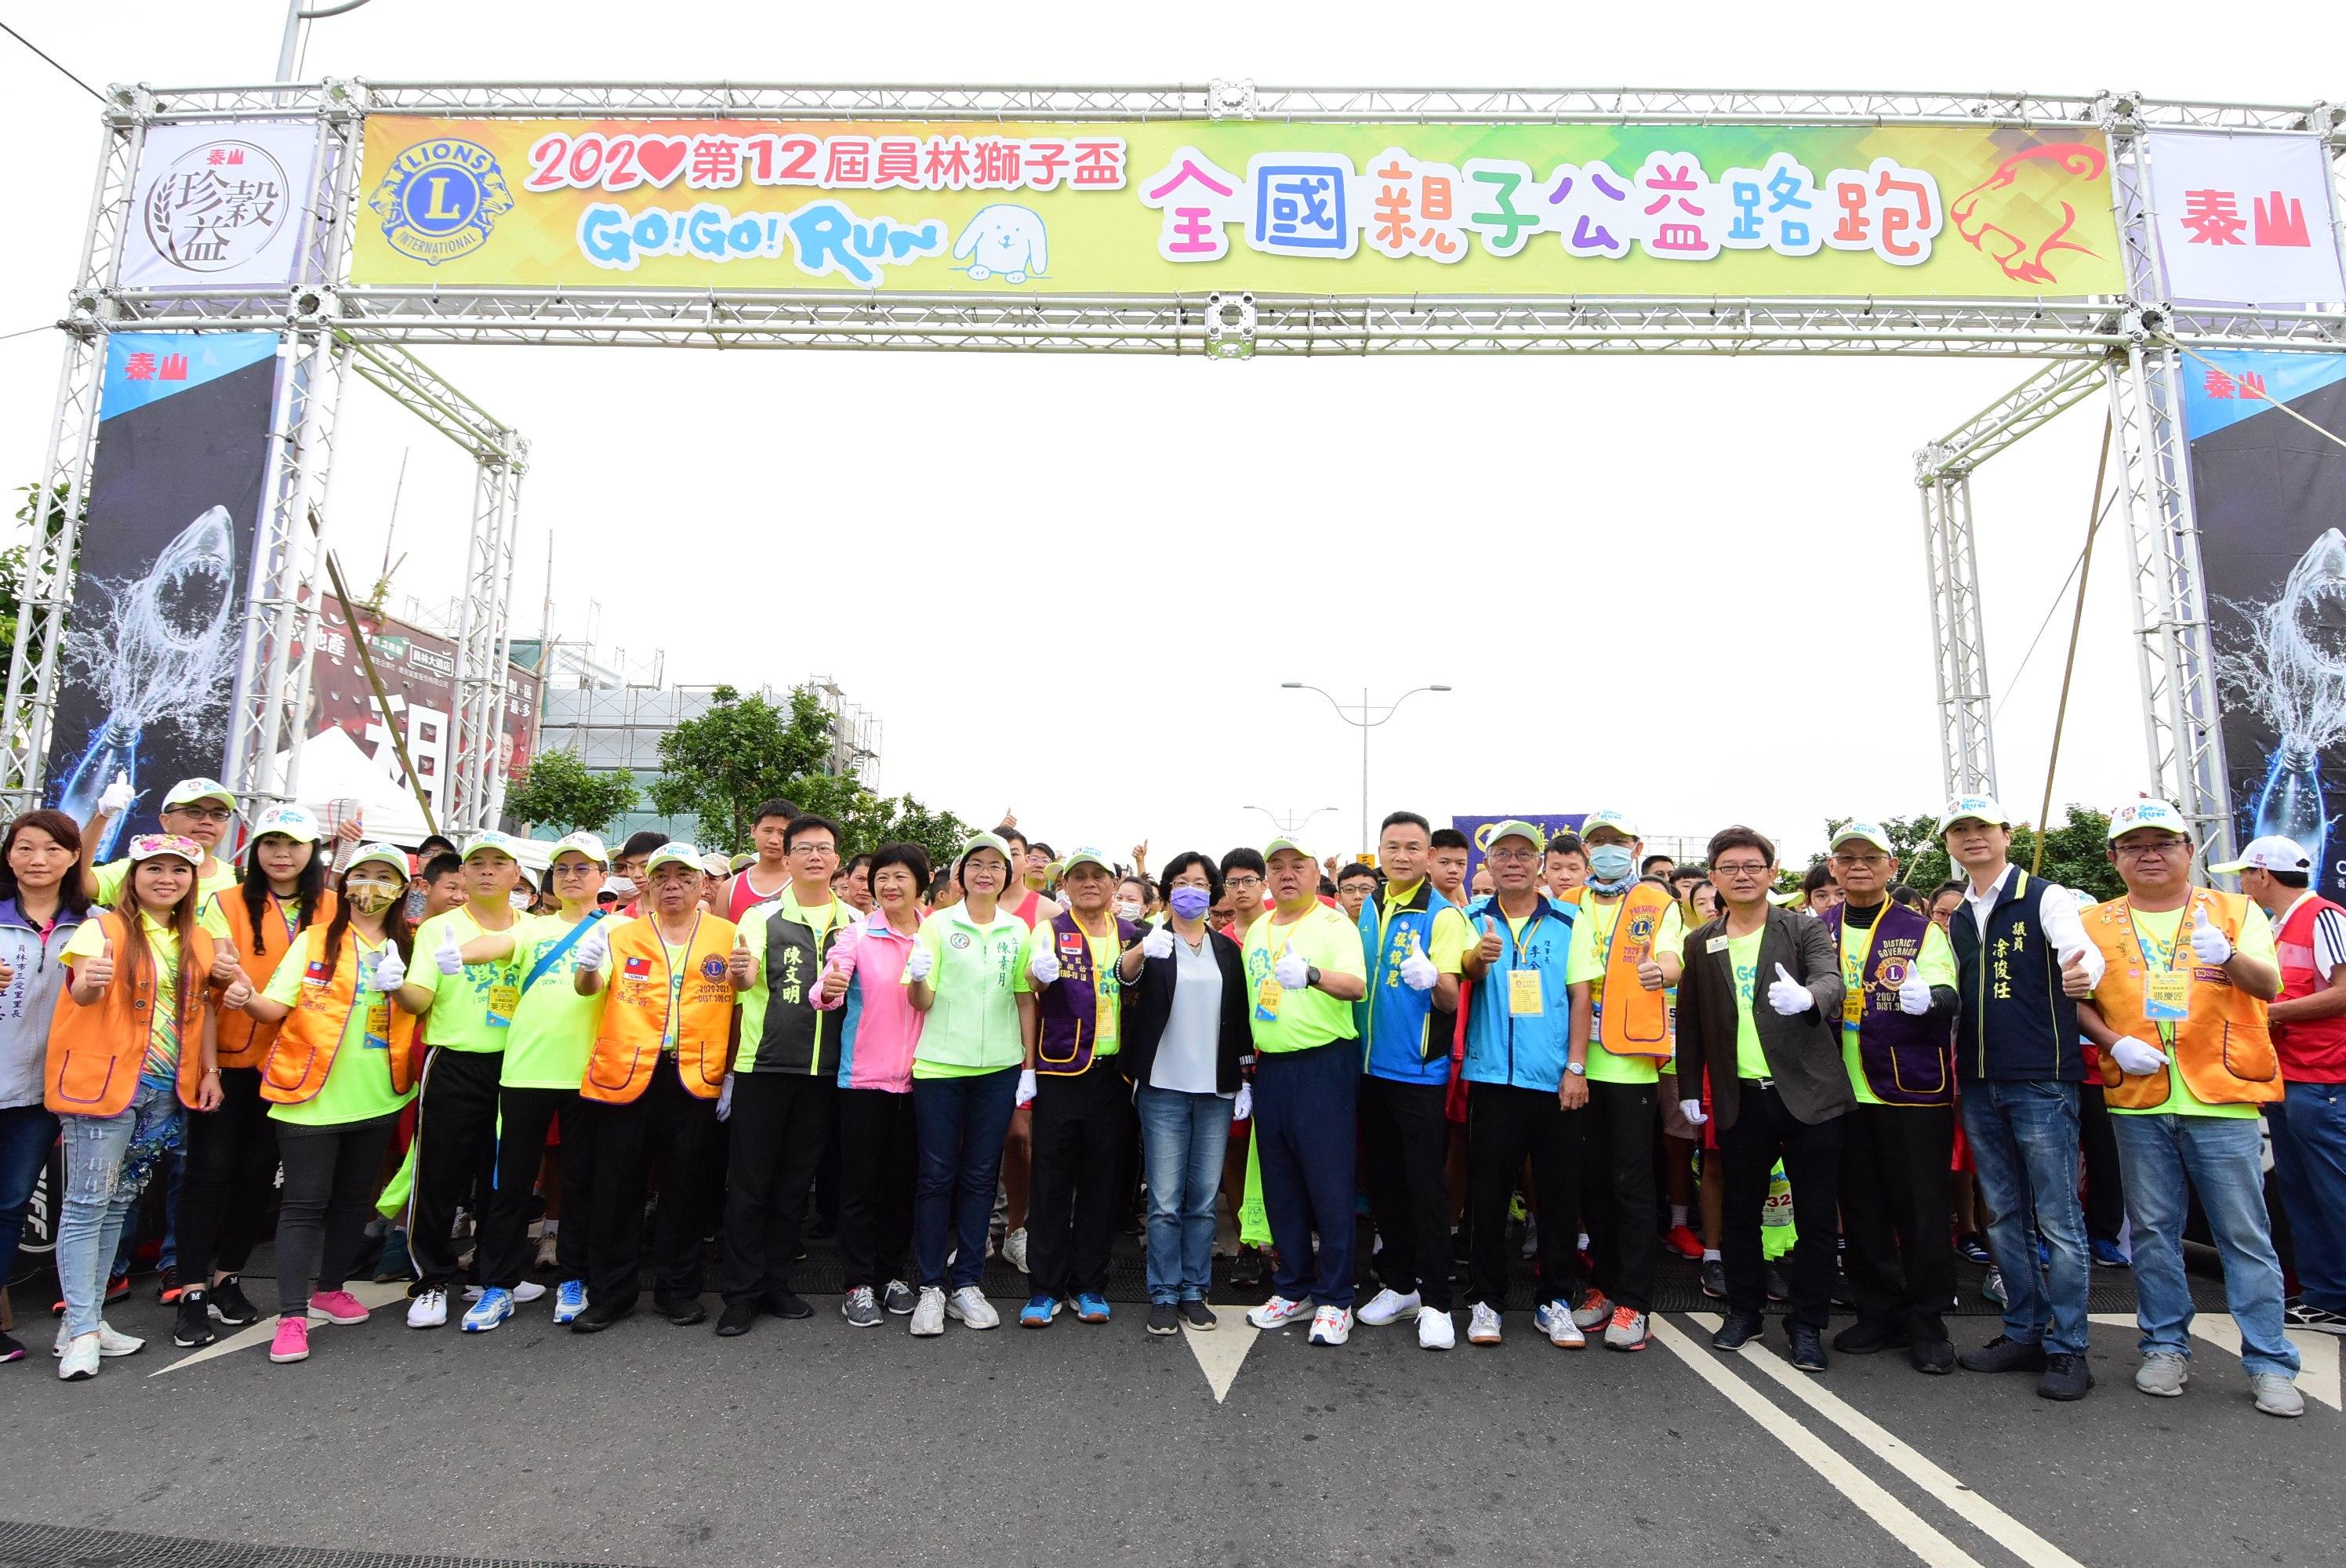 2020彰化縣政府馬拉松嘉年活動第一場 員林獅子盃親子公益路跑從員林園開跑